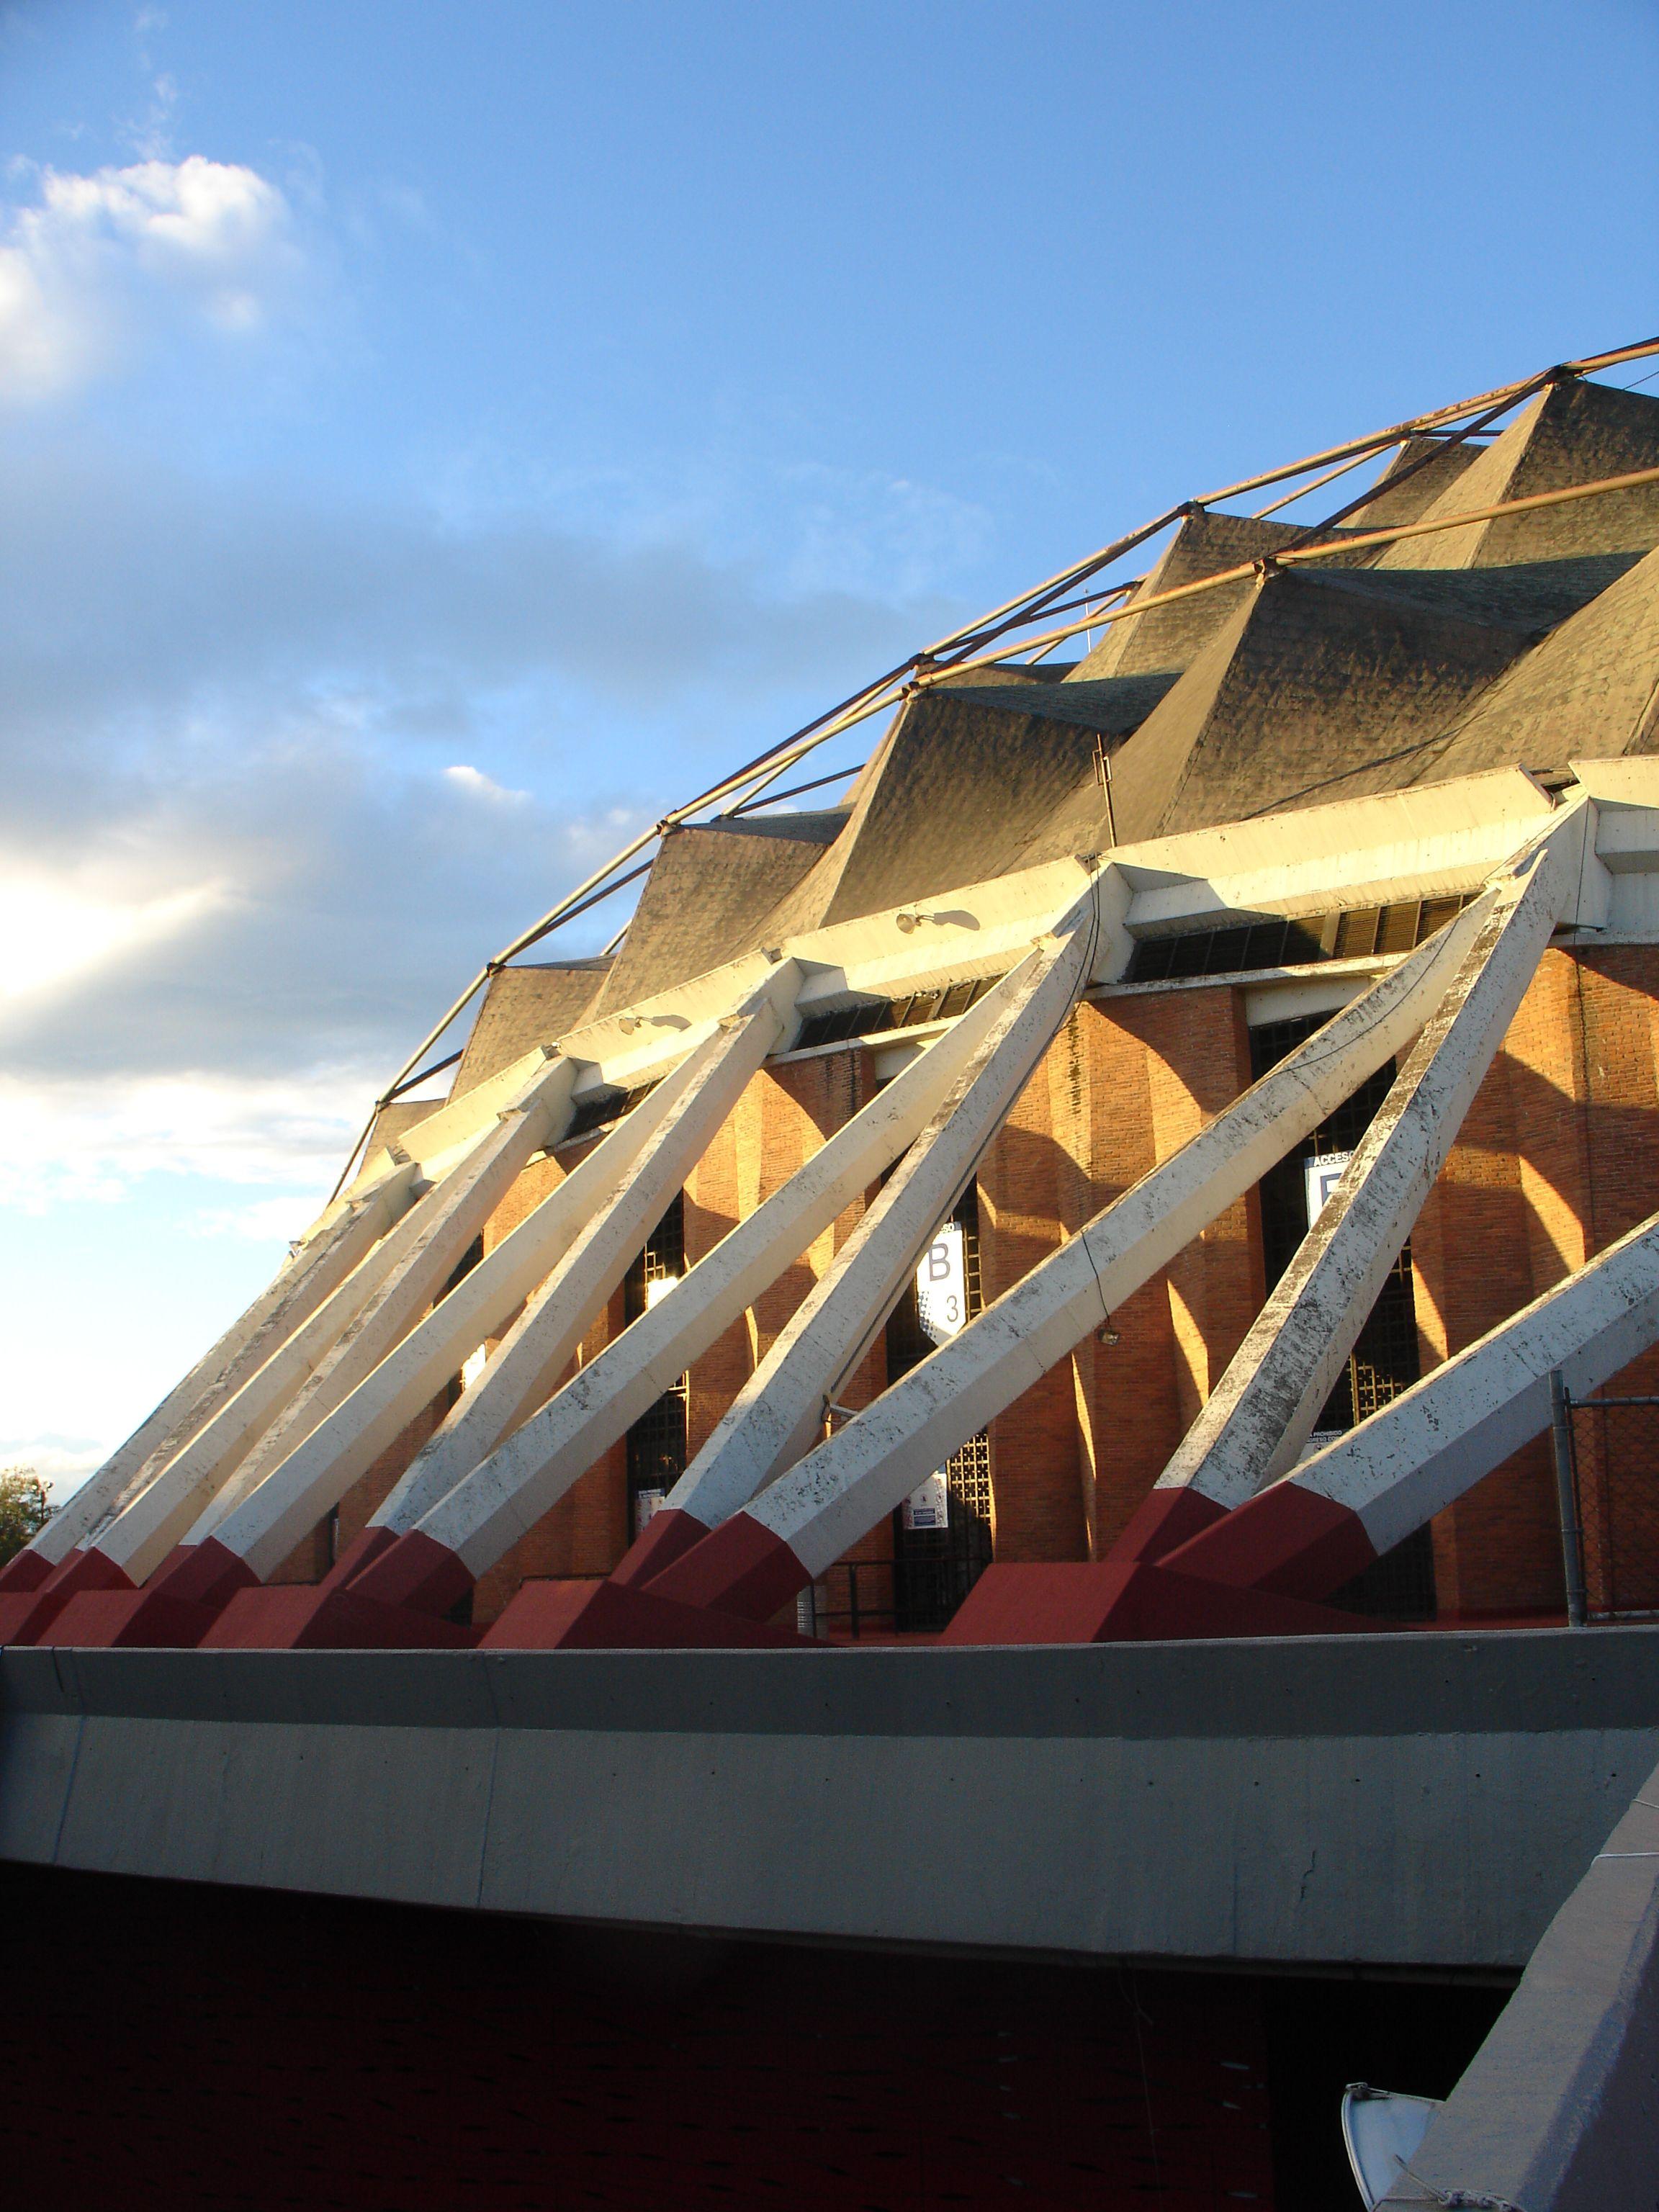 Palacio de los deportes, inmueble olímpico. Arquitecto : Felix Candela.  1968